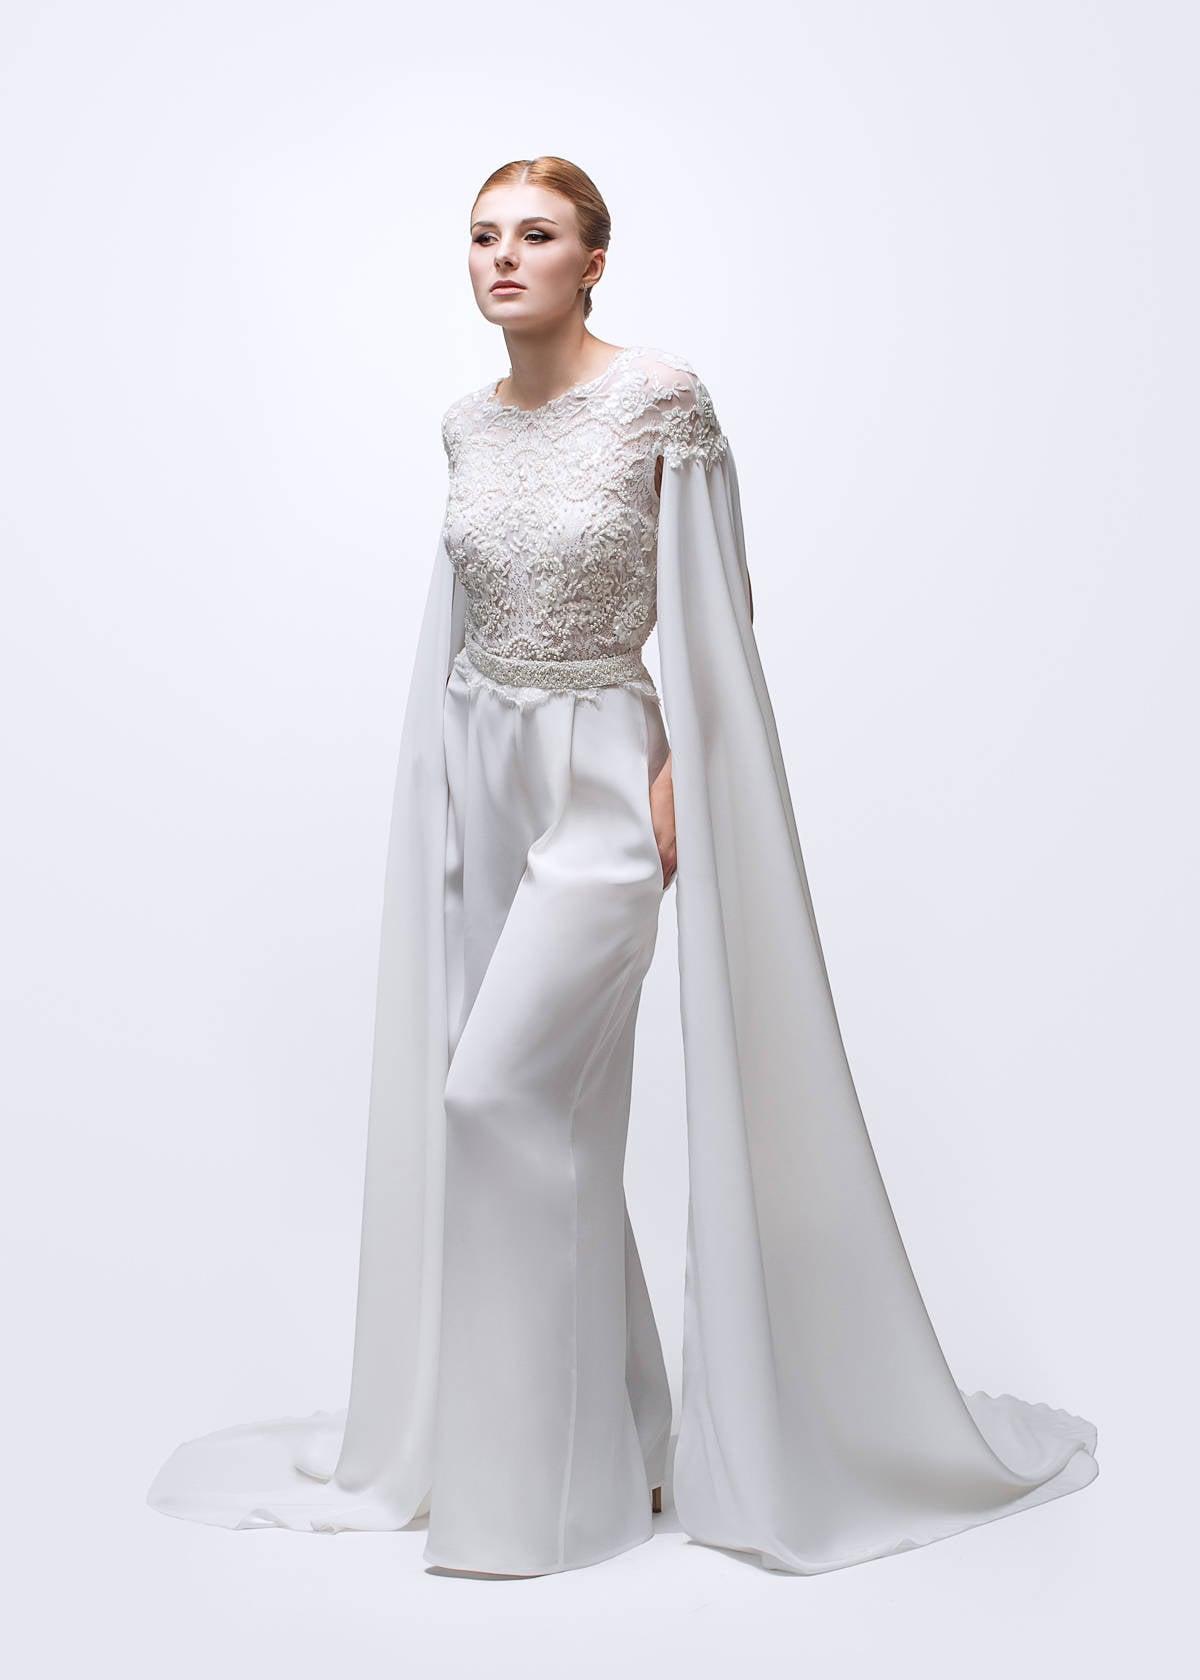 Tolle Hochzeitsempfang Probe Zeitgenössisch - Brautkleider Ideen ...